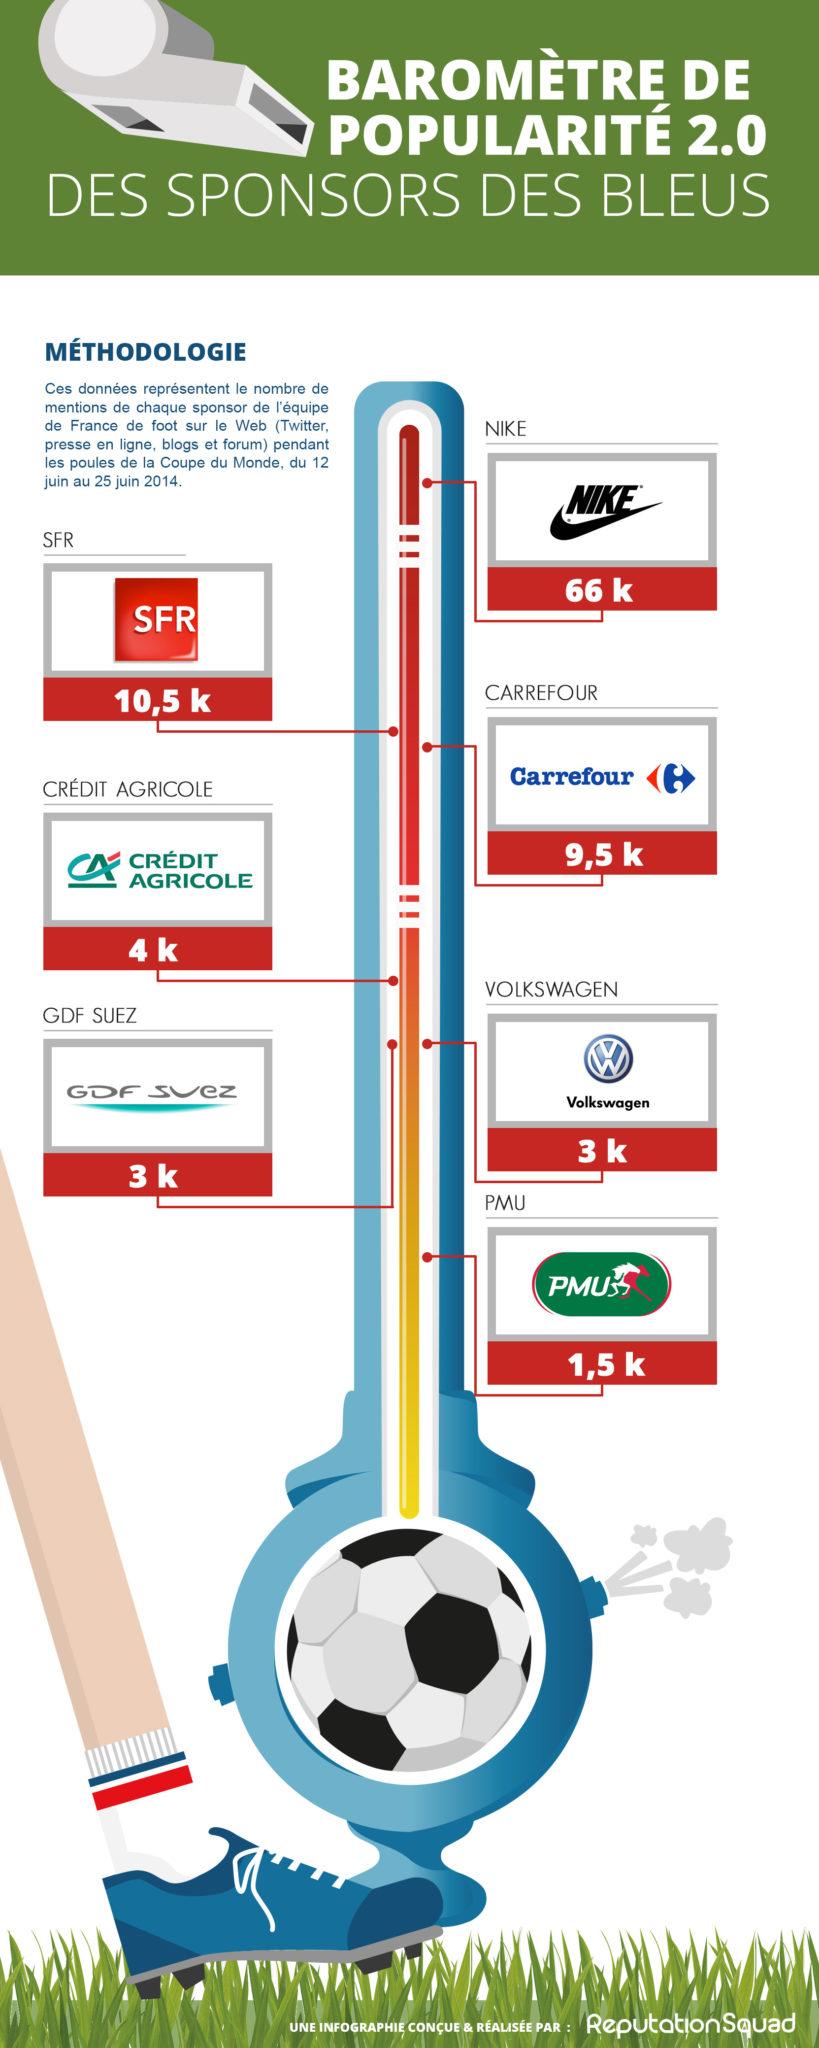 Baromètre de popularité 2.0 des sponsors de l'équipe de France